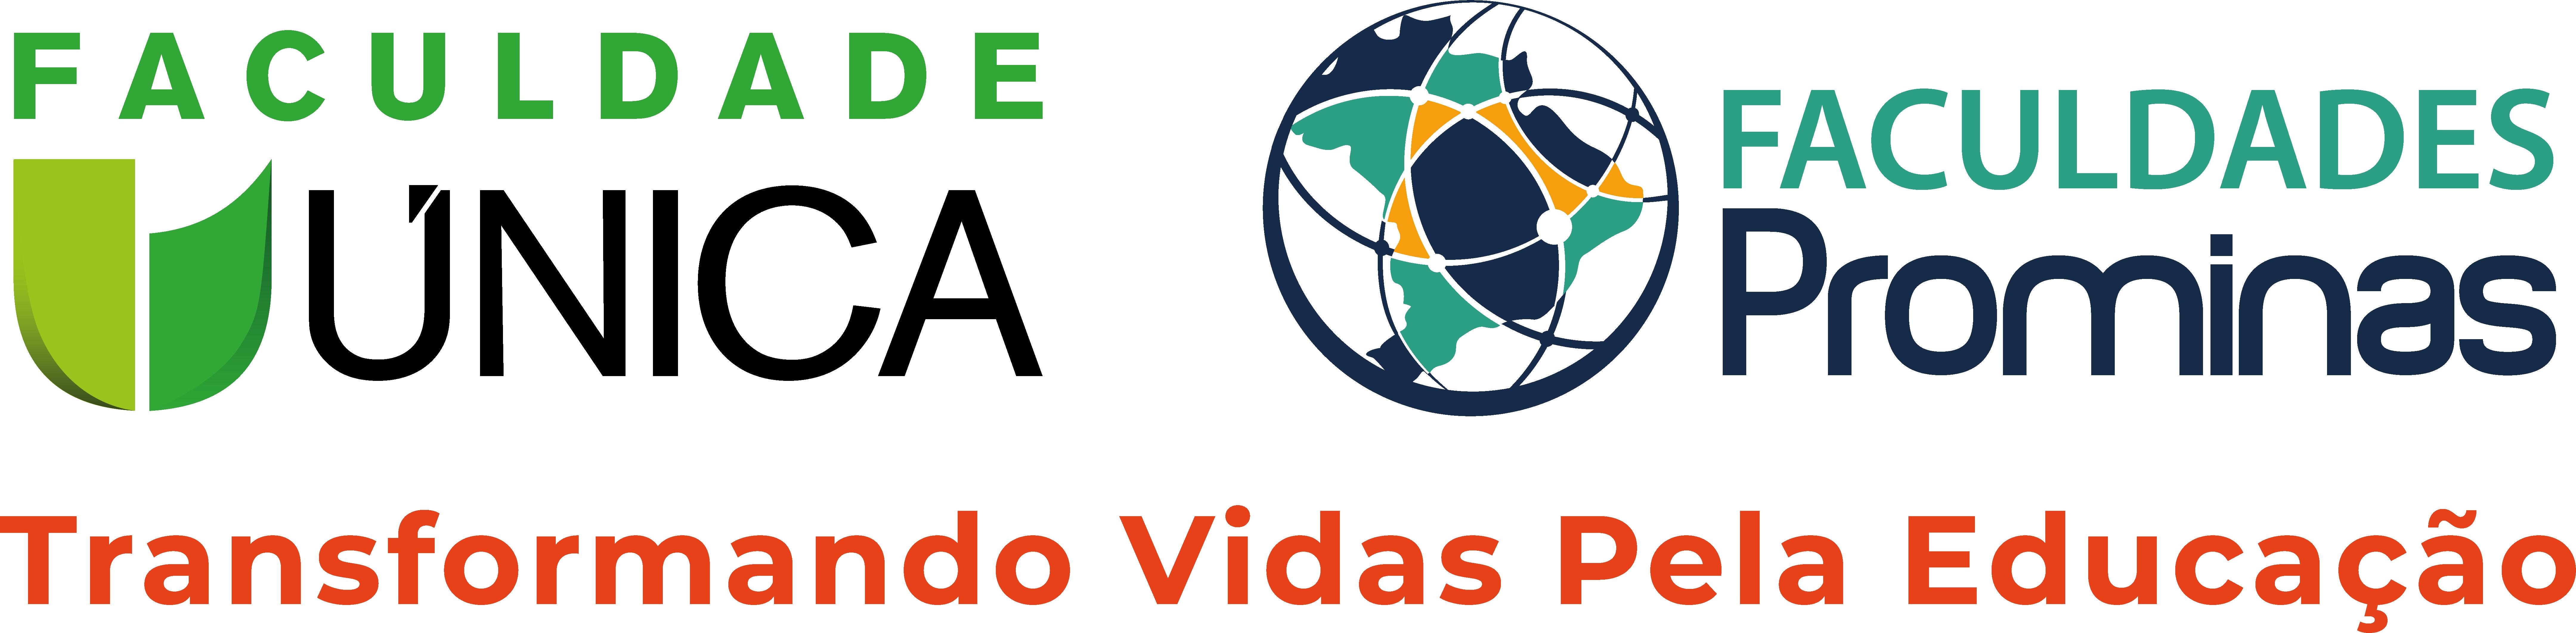 Faculdade Única | Grupo Prominas